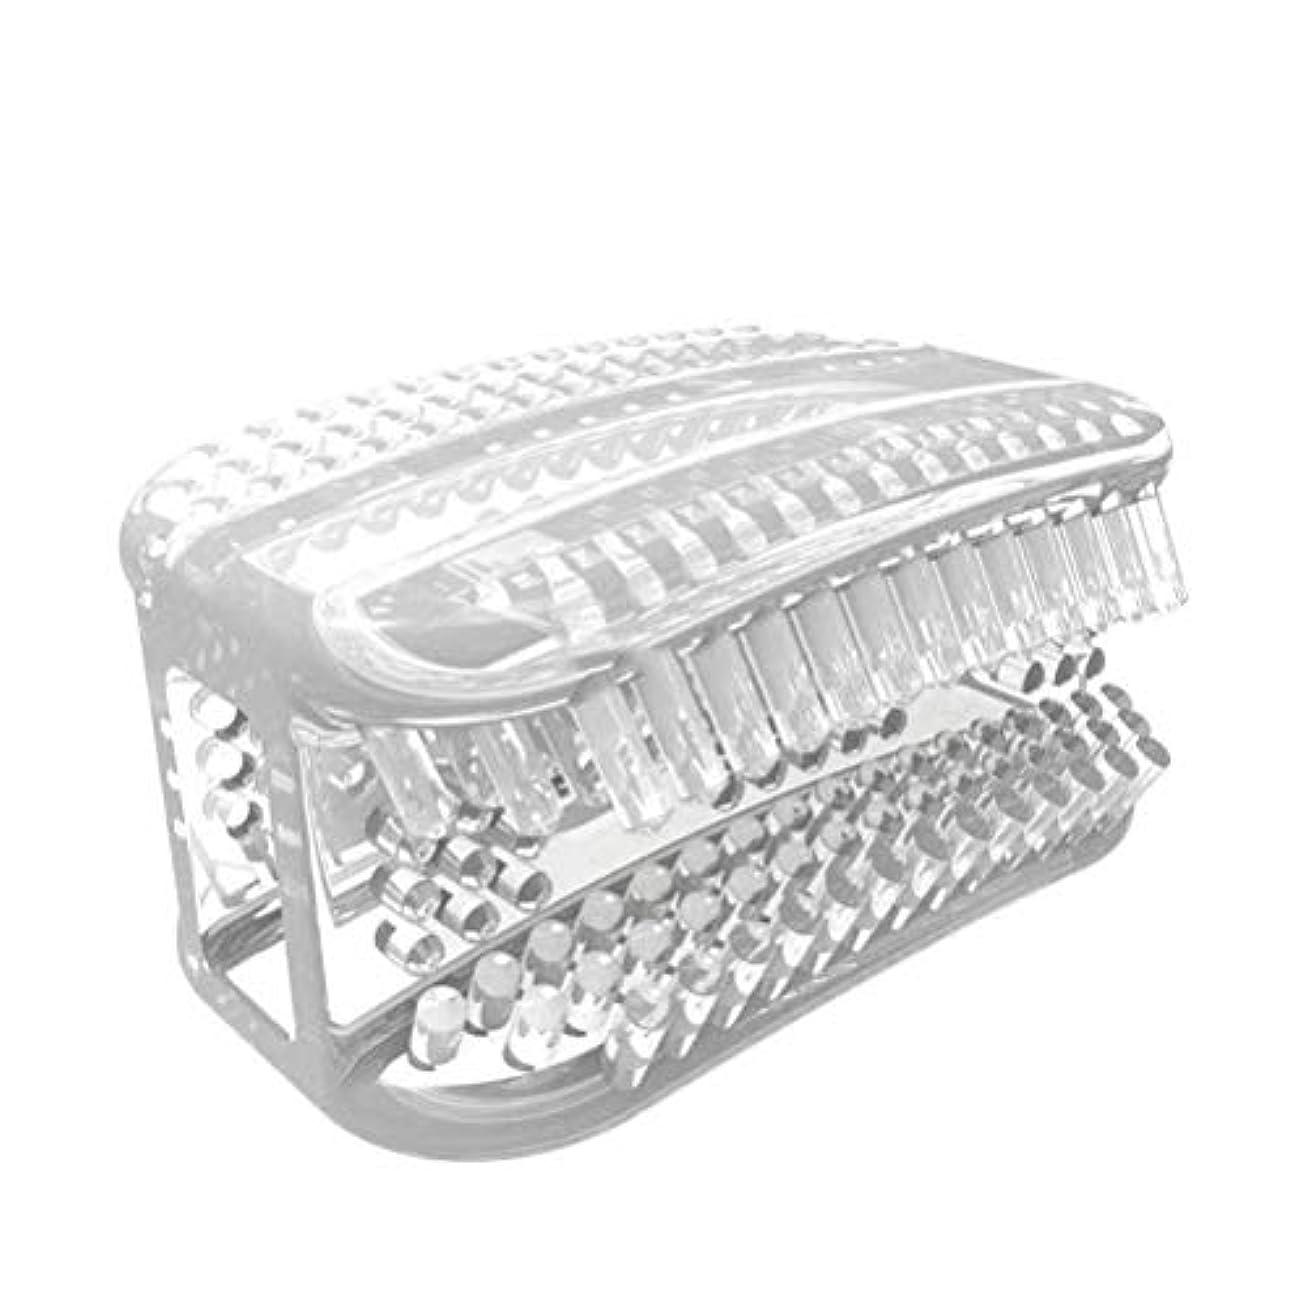 ドライブきらめきナイトスポットHealifty 携帯用咀嚼歯ブラシ360度怠惰な歯ブラシ手動歯ブラシ